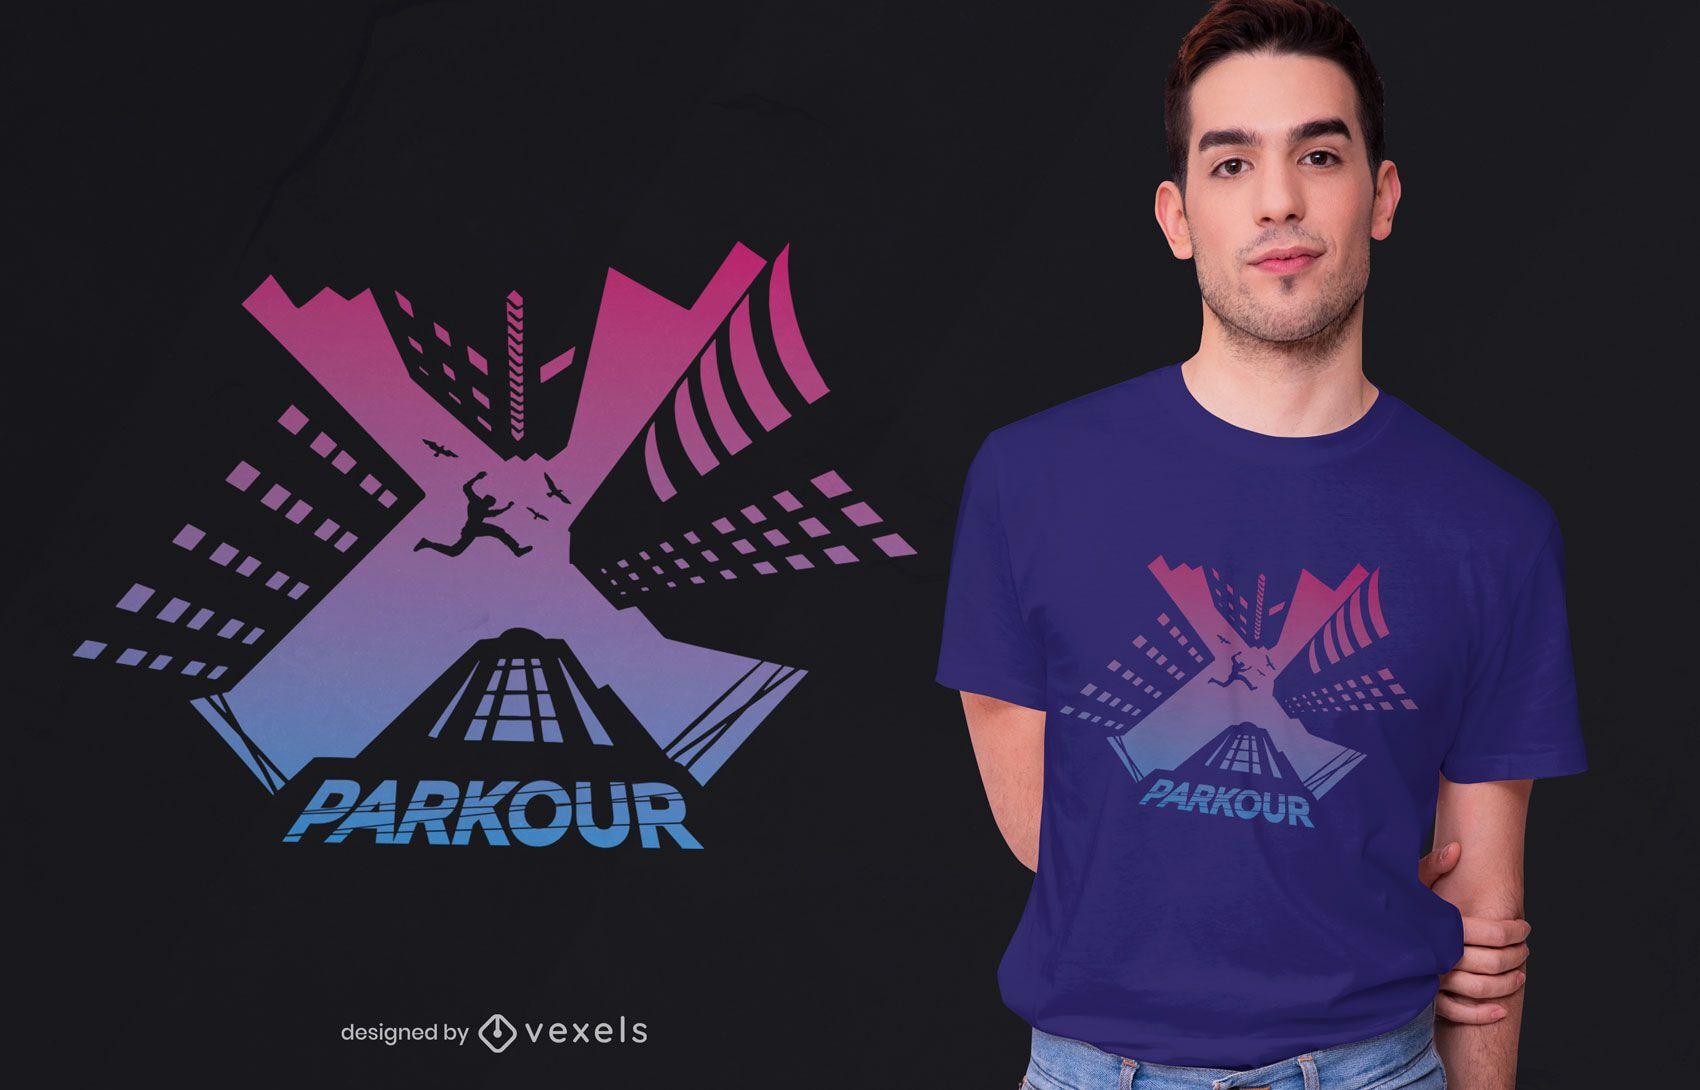 Parkour traceur t-shirt design